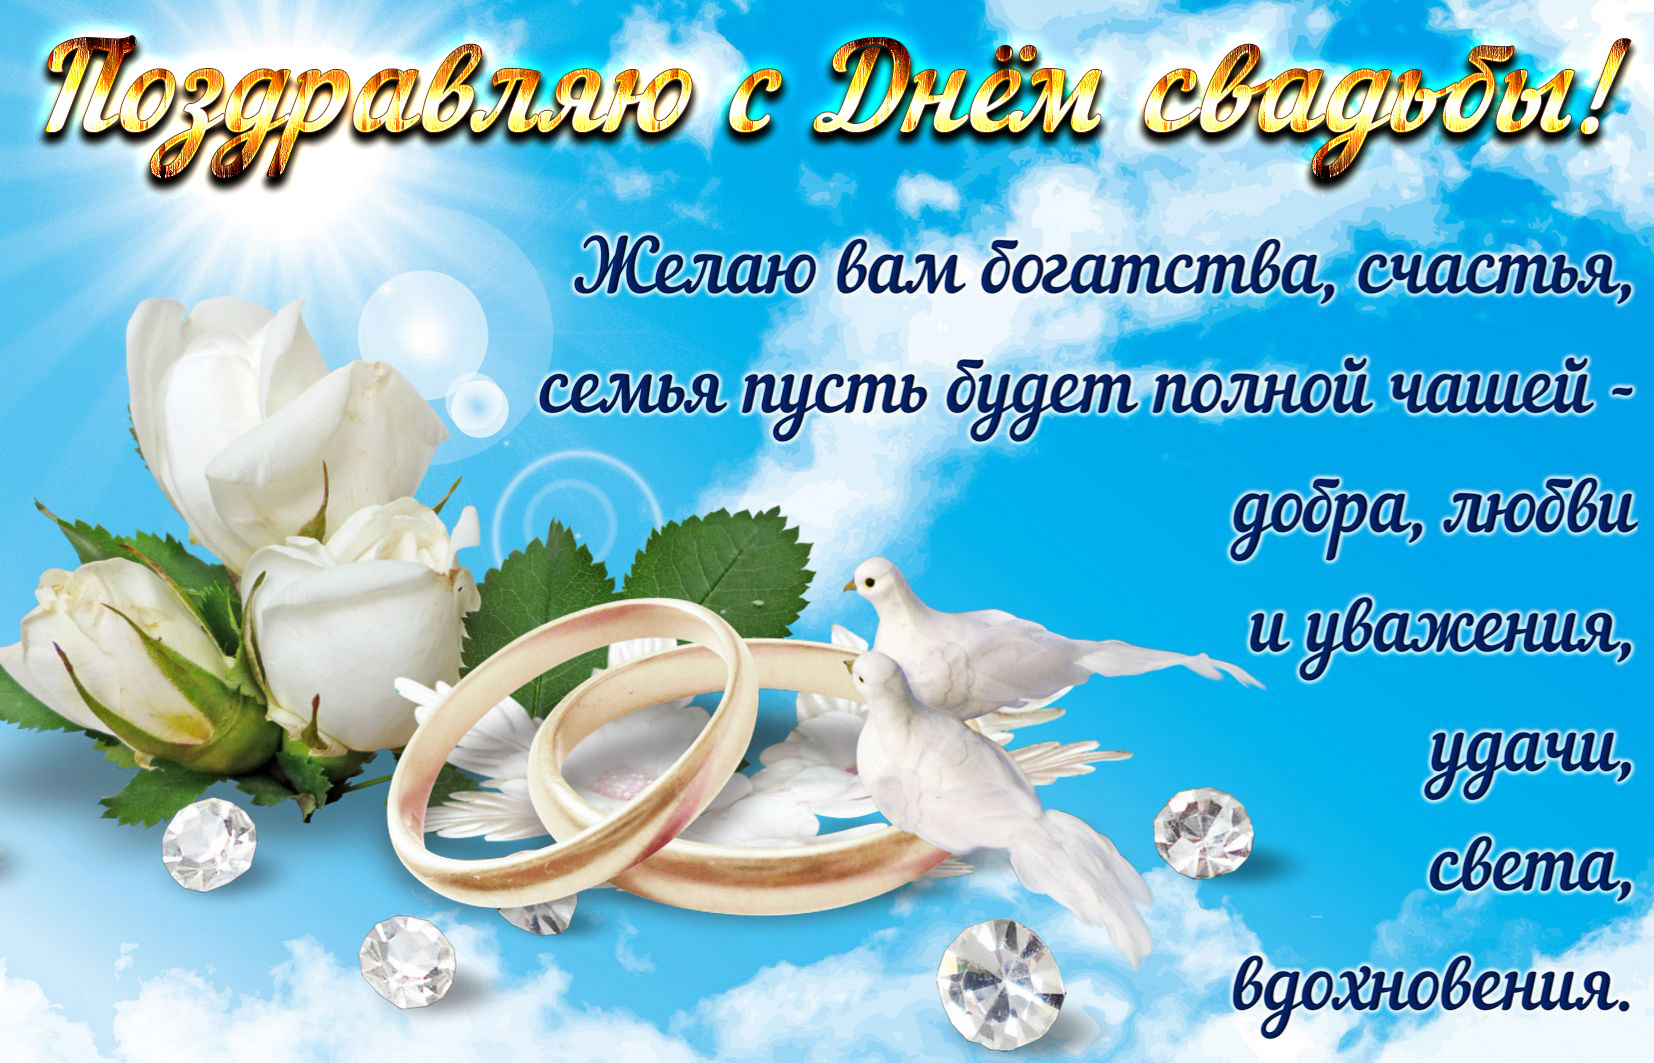 Свадьбой год, красивые открытки с поздравление со свадьбой